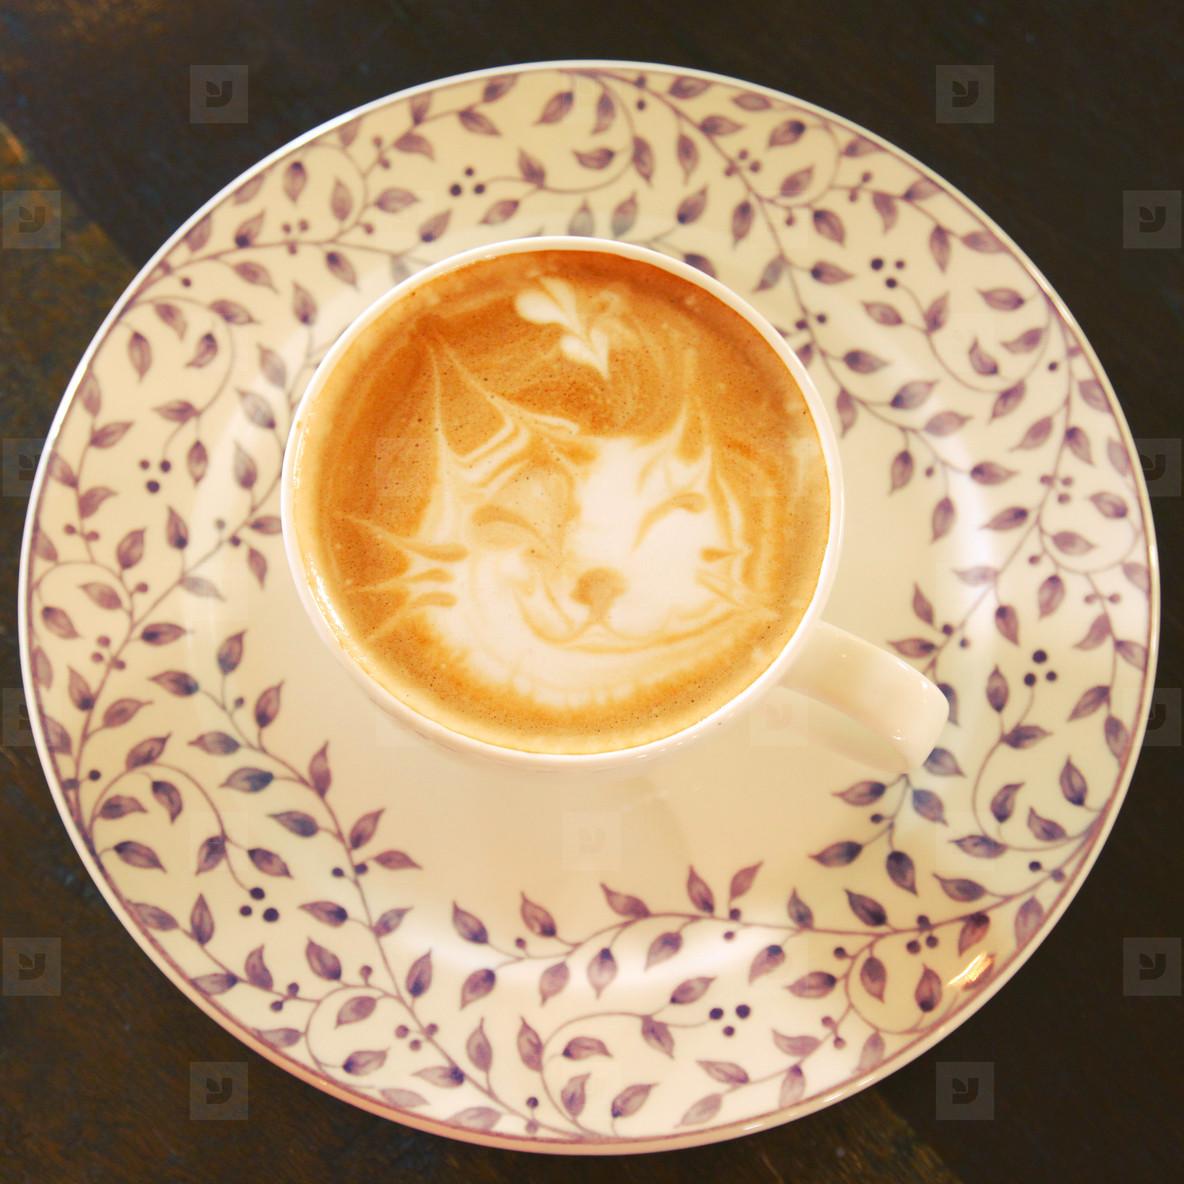 Cute latte art coffee